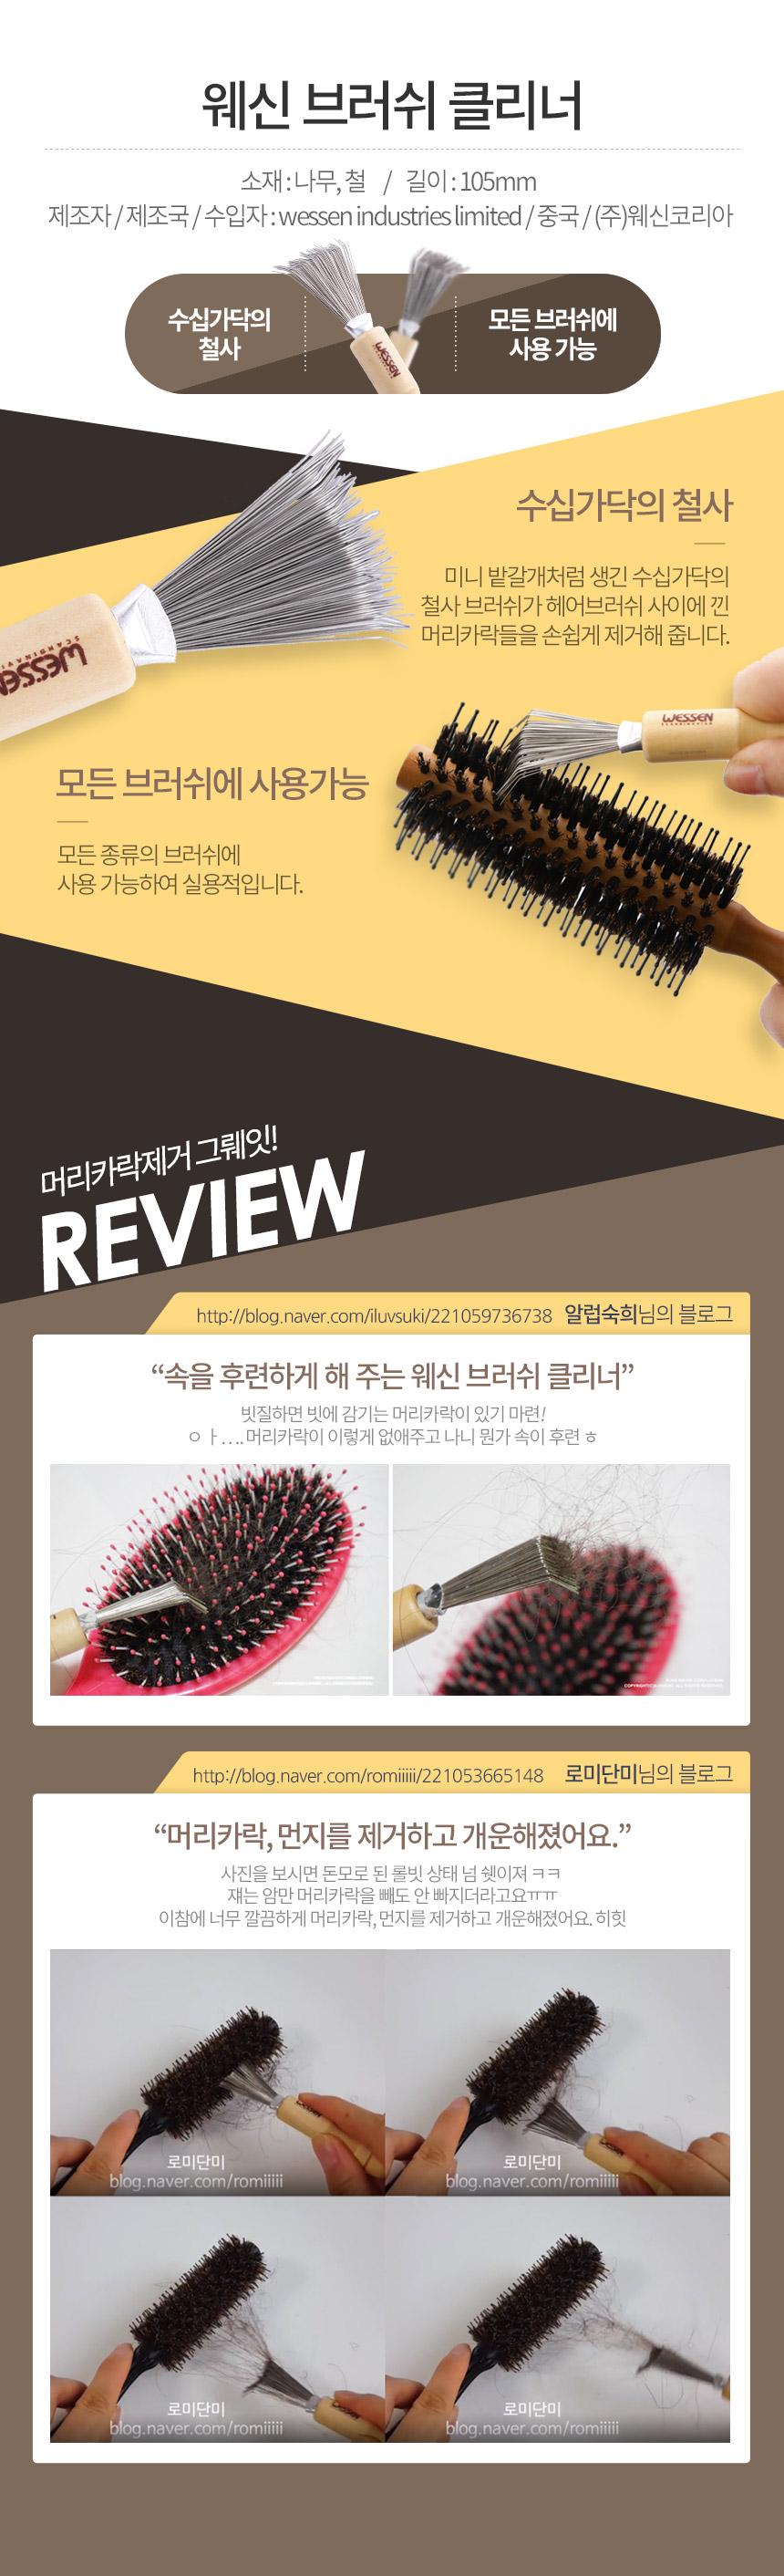 웨신 마론 미니 브러쉬 클리너세트 - 웨신, 13,000원, 헤어케어, 헤어미용소품